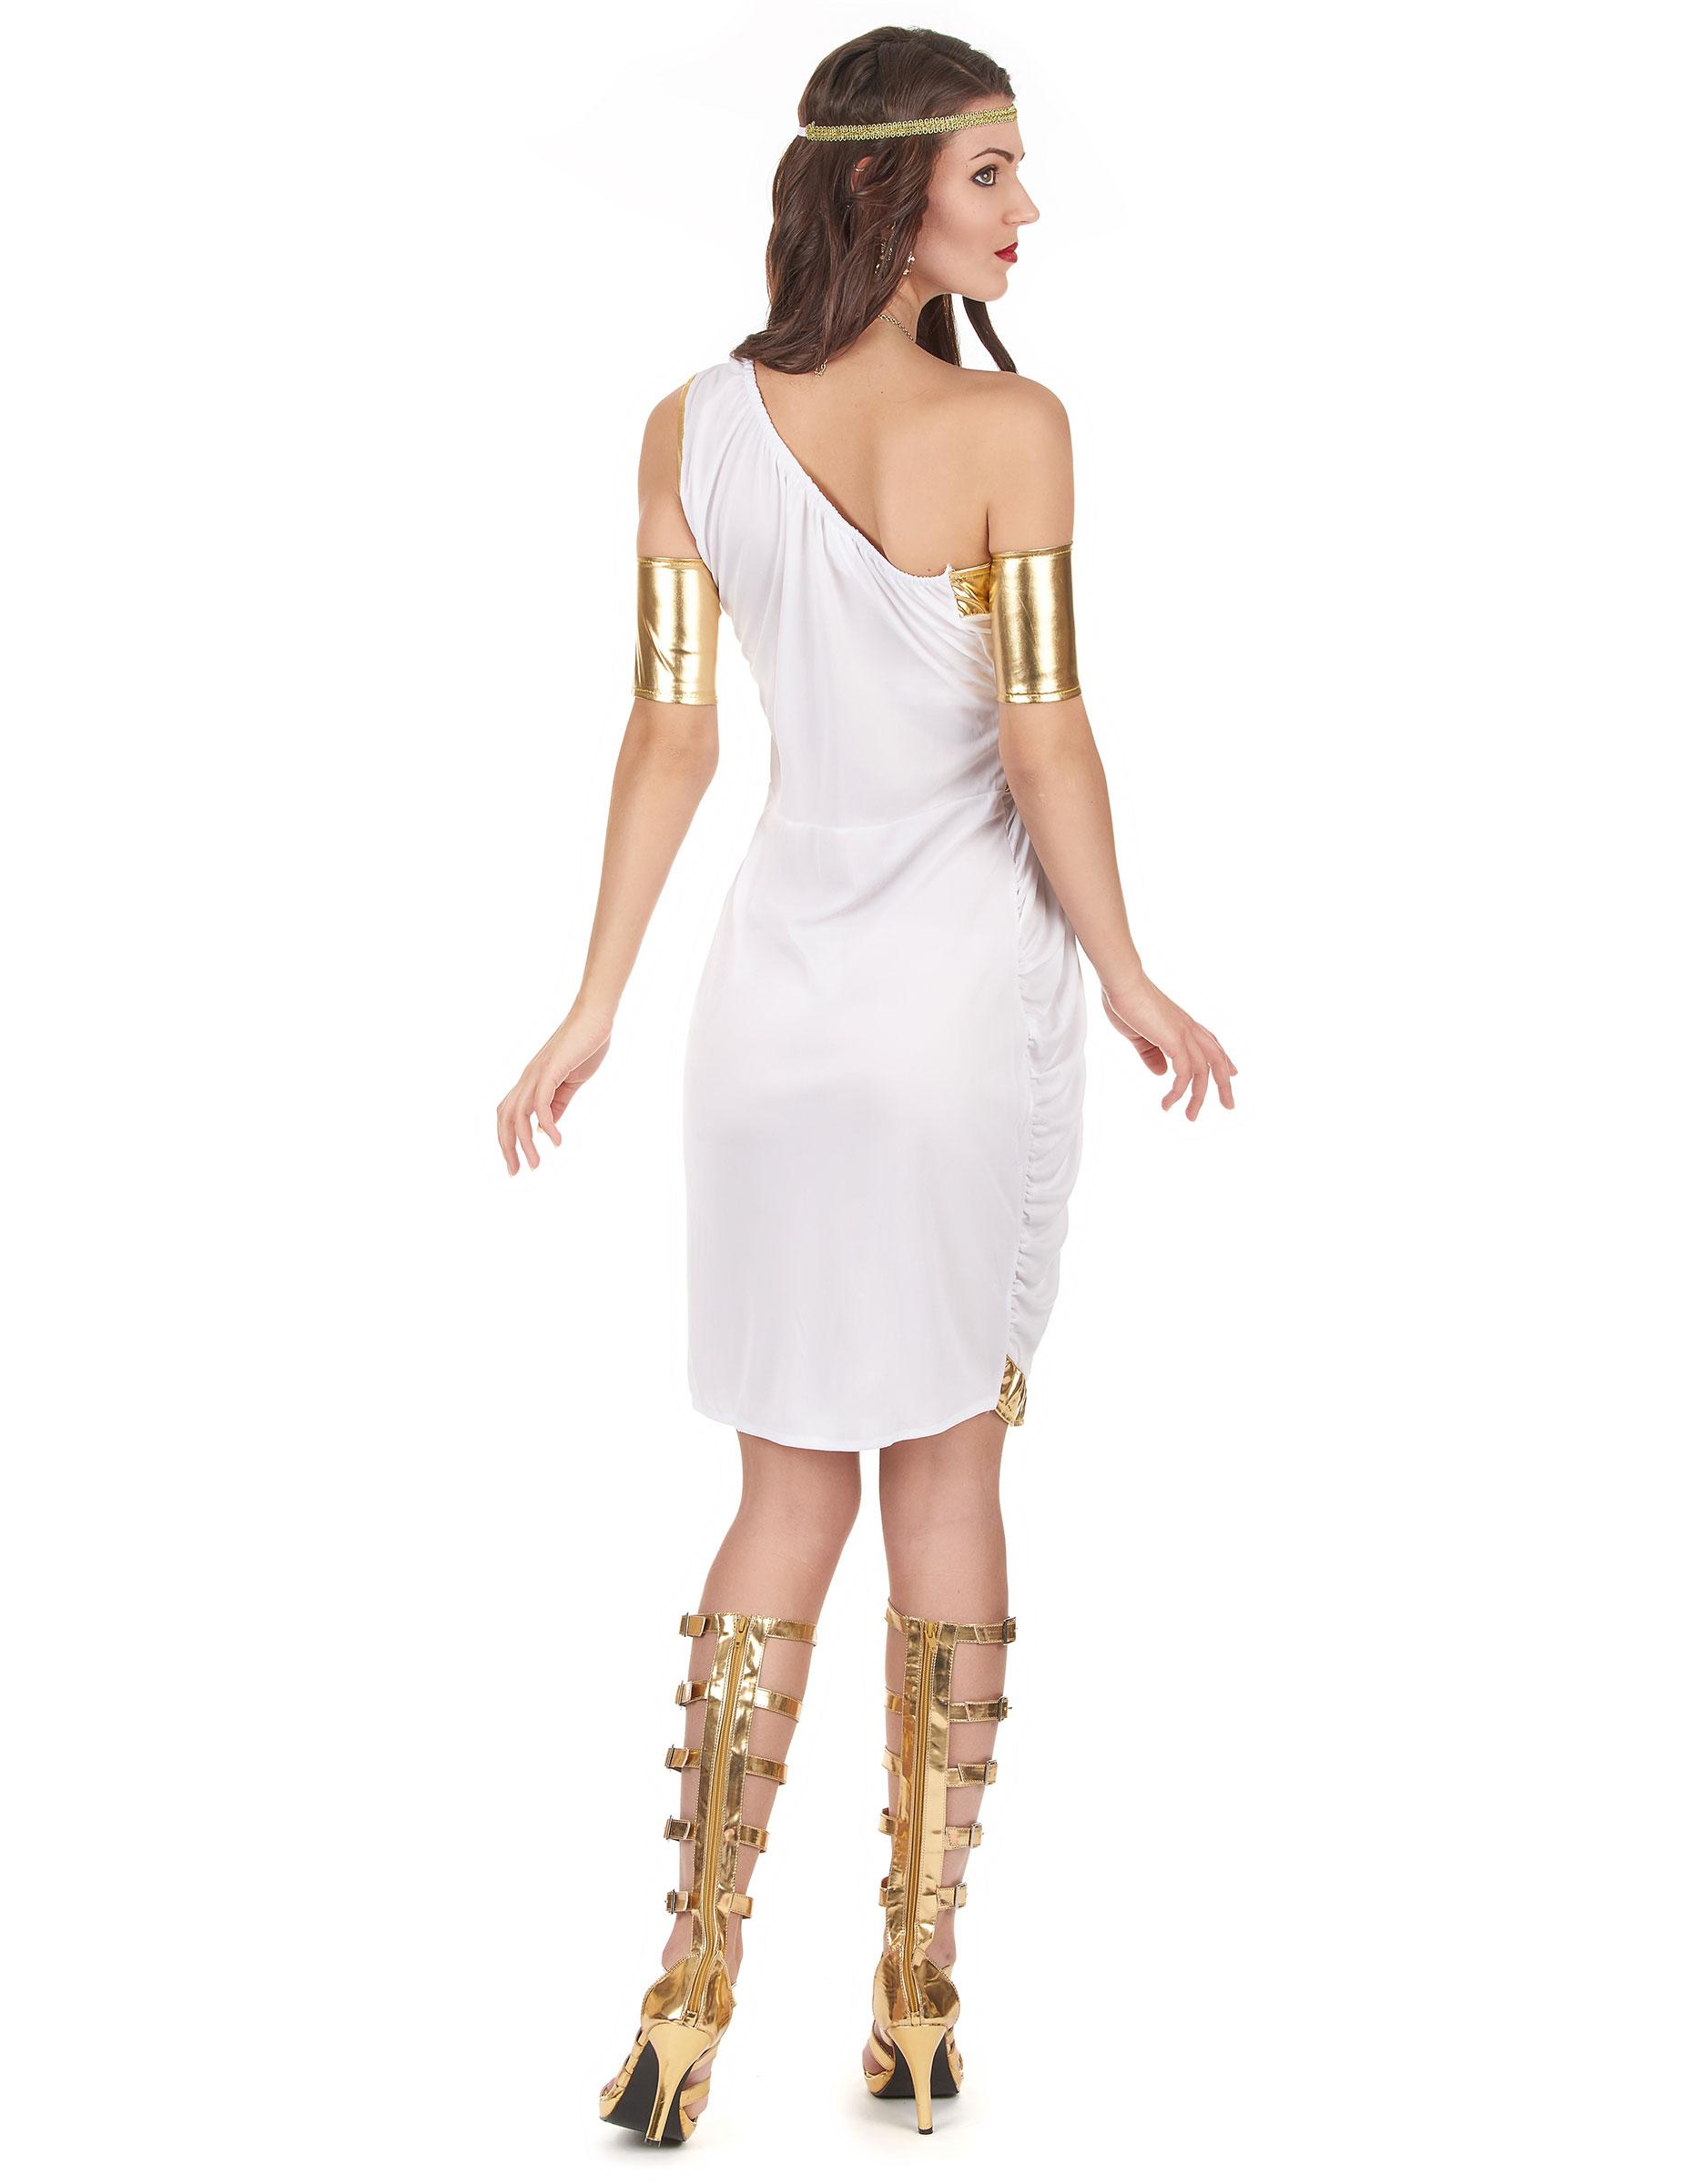 fotos de deusa grega - photo #13